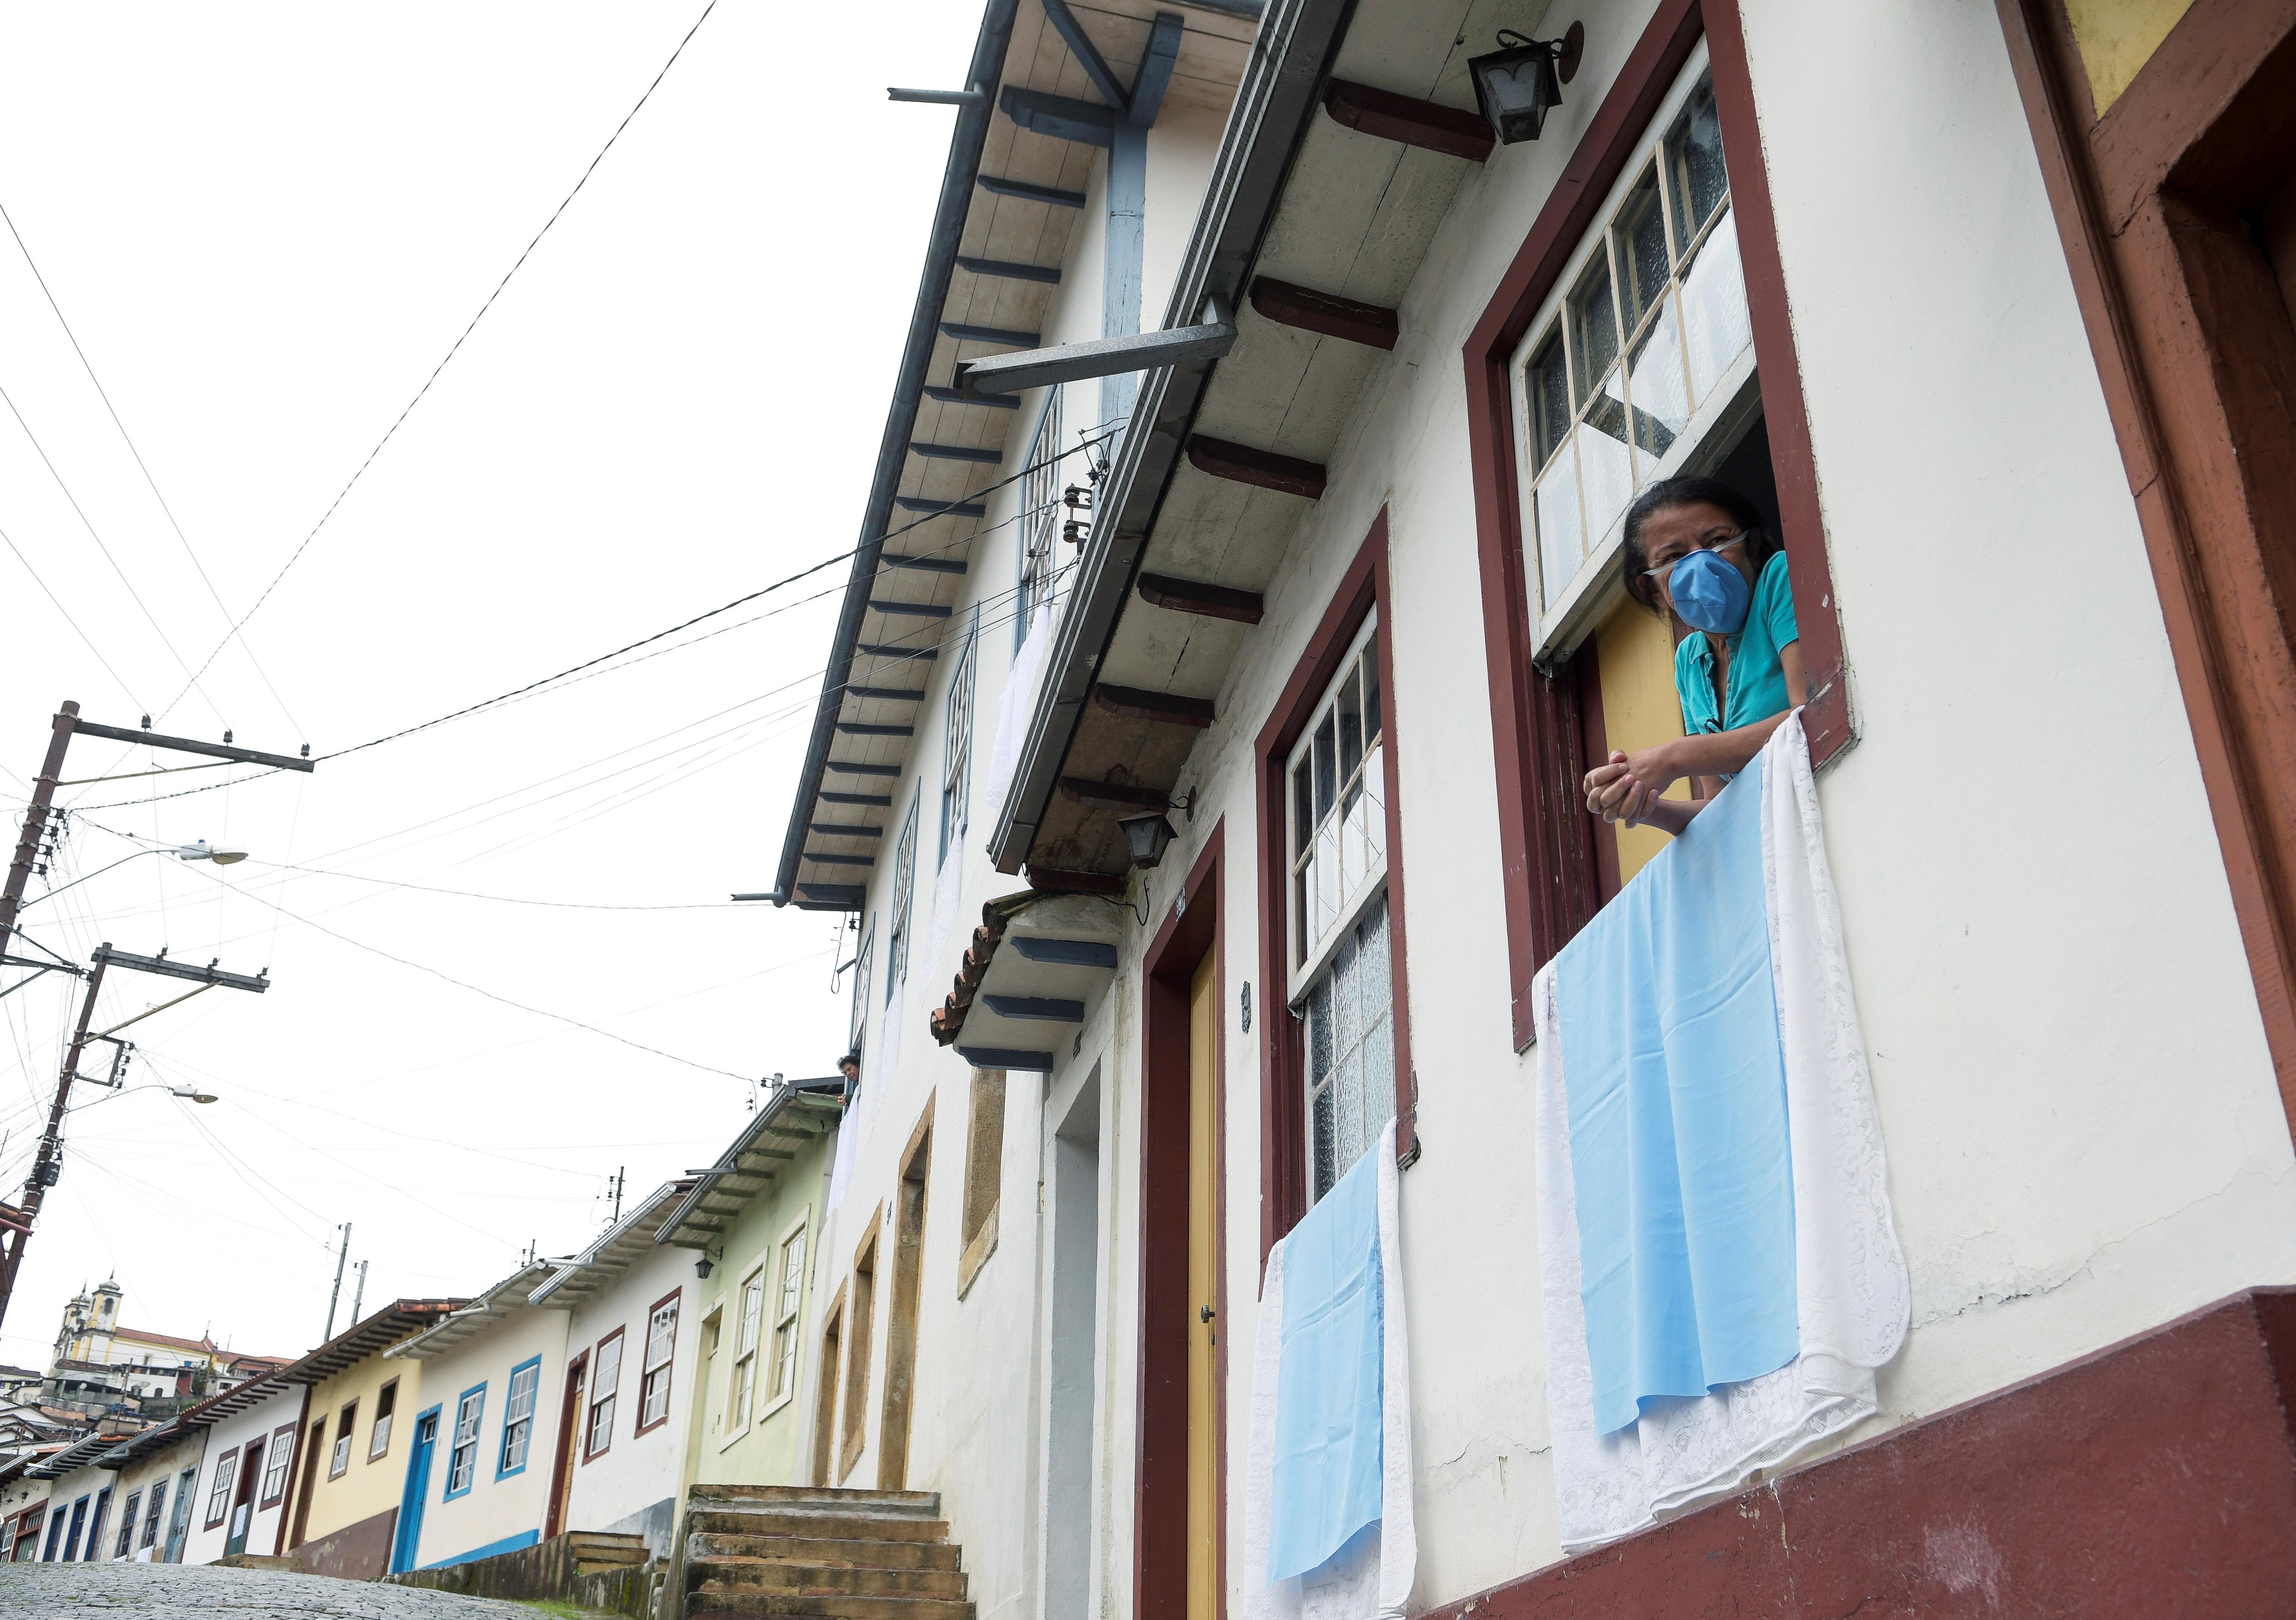 BRASIL - Ciudadanos de la ciudad de Ouro Preto, estado de Minas Gerais, durante la celebración de Domingo de Pascua, desde sus balcones